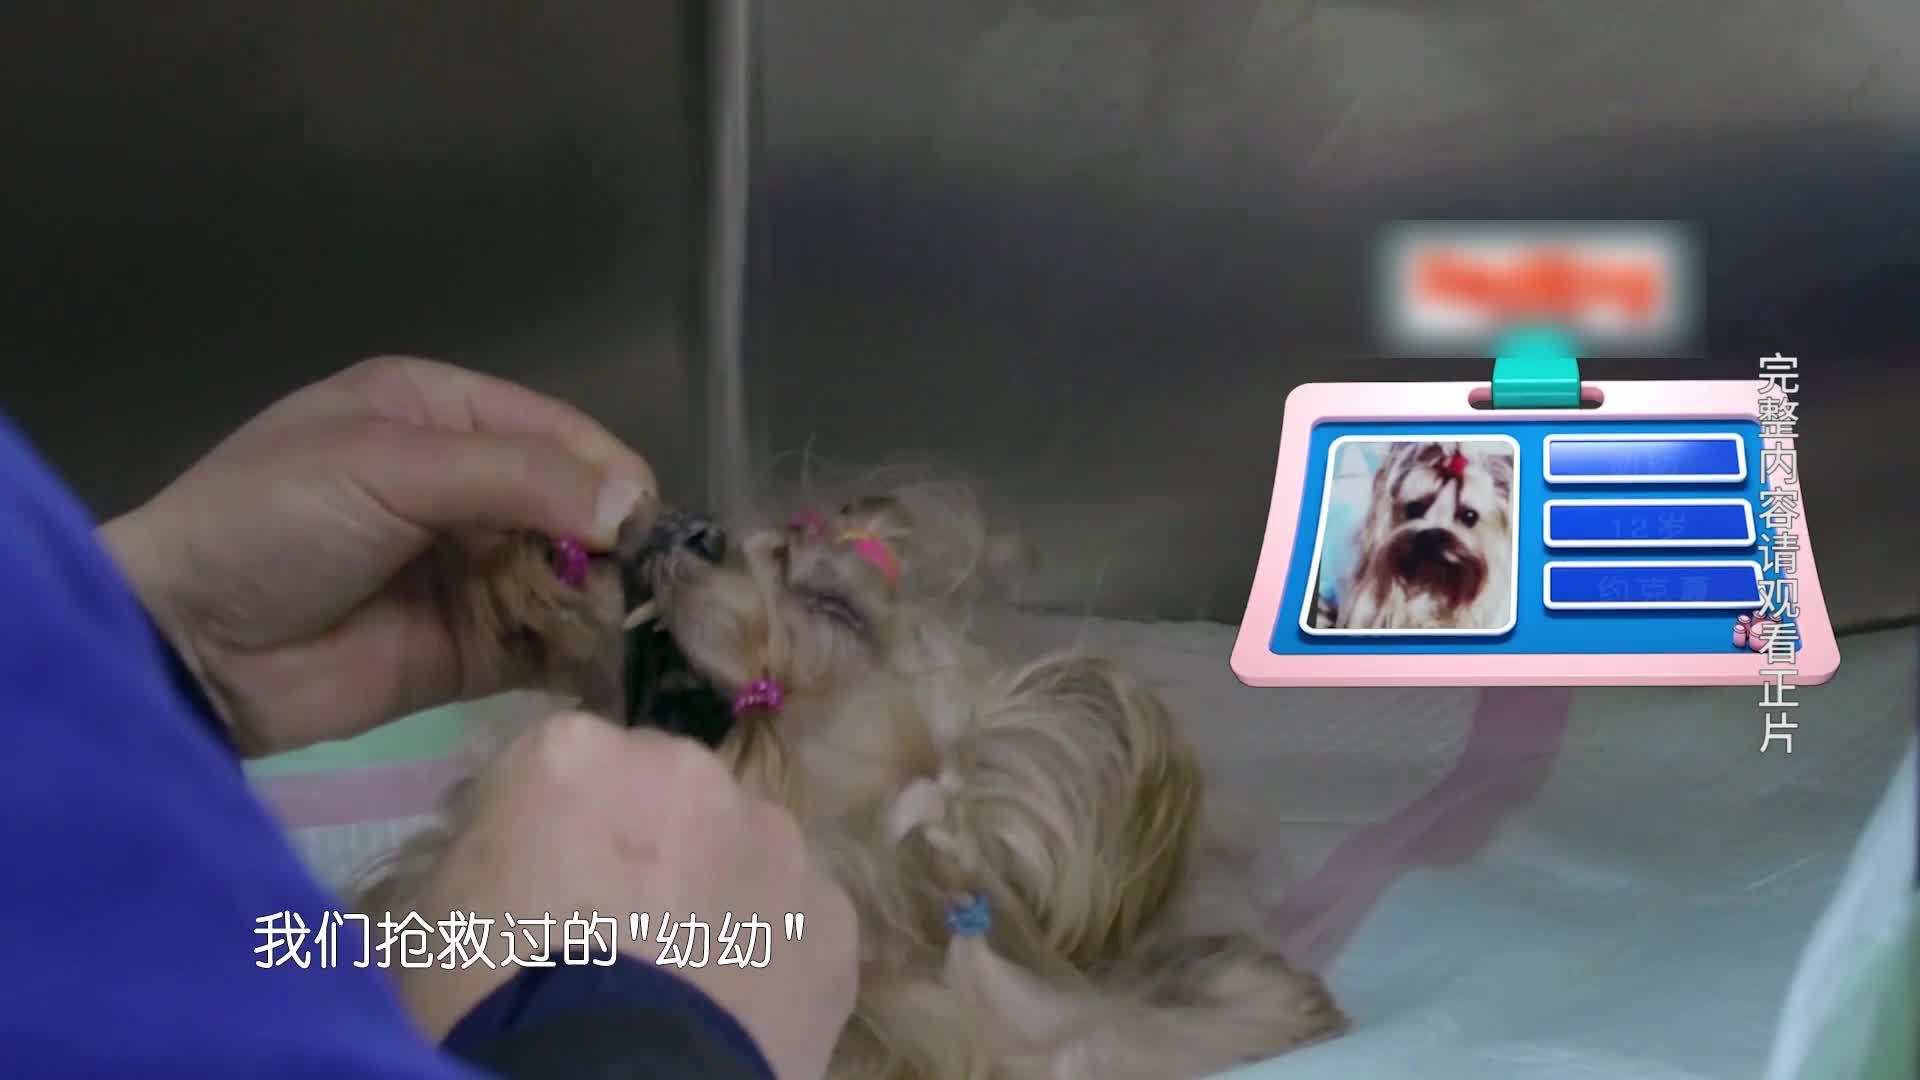 【小主安康-宠物医院2】狗狗深夜离世